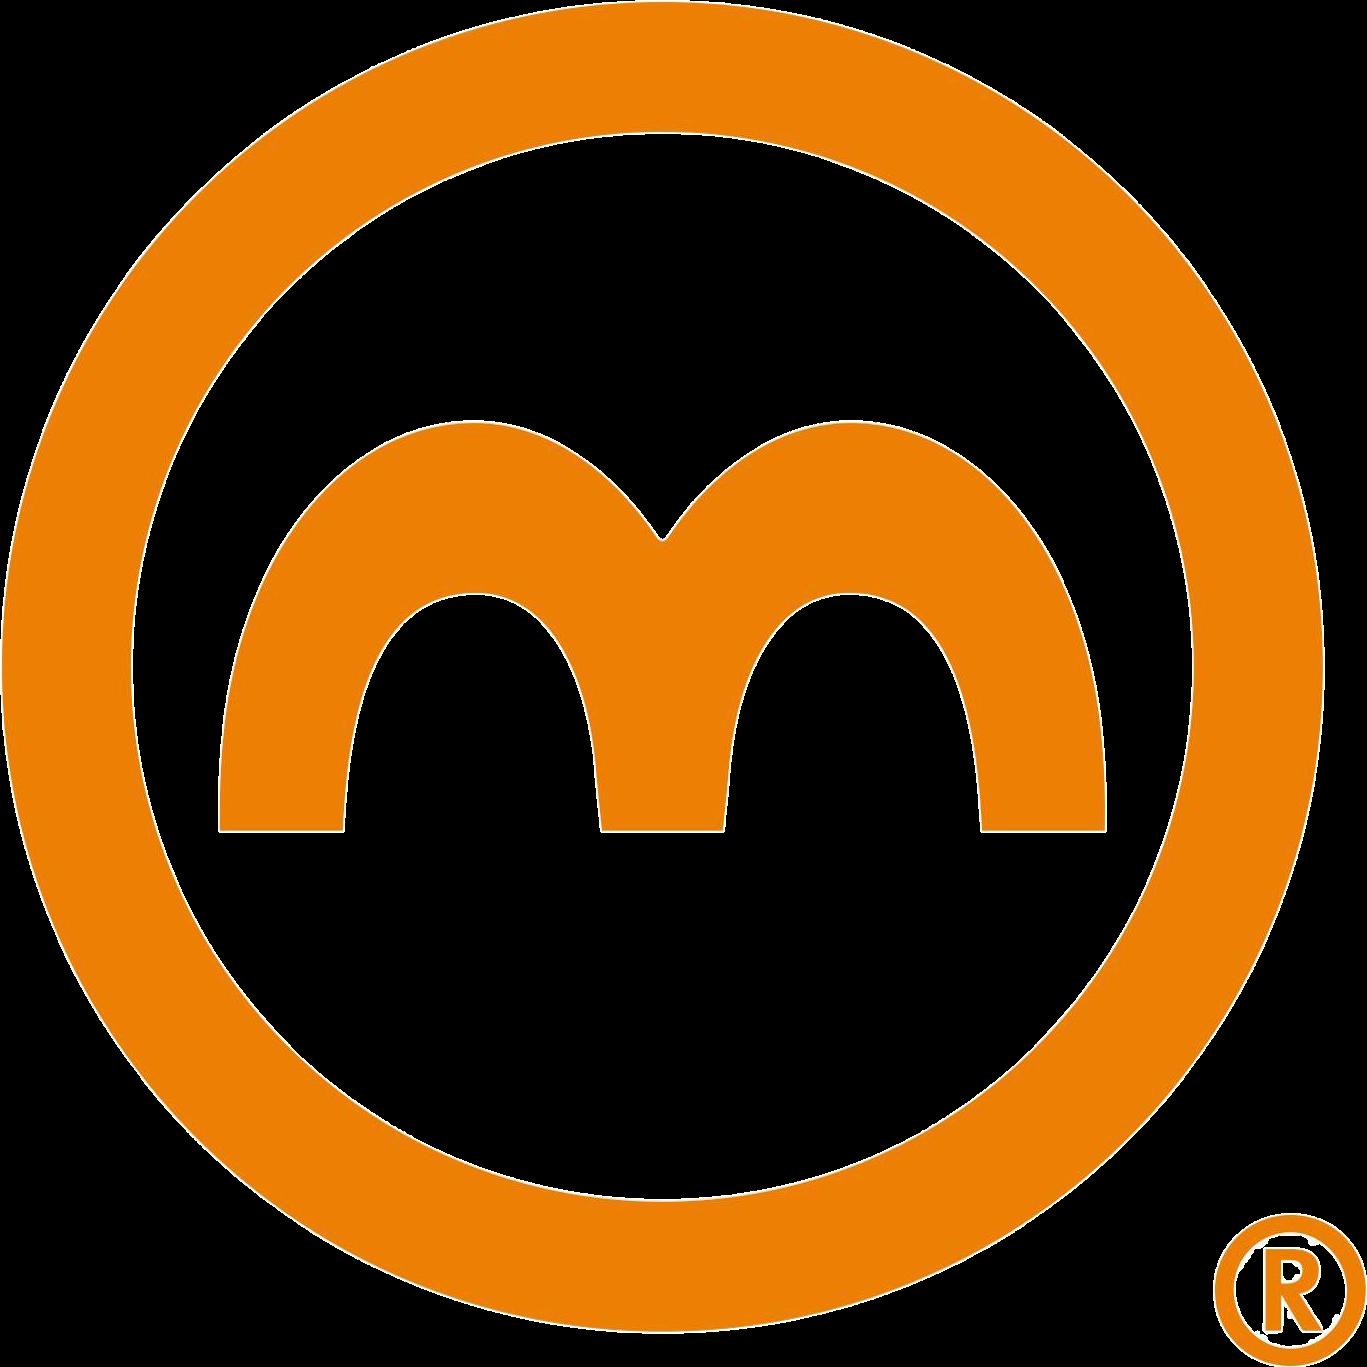 Madhukar.moscow